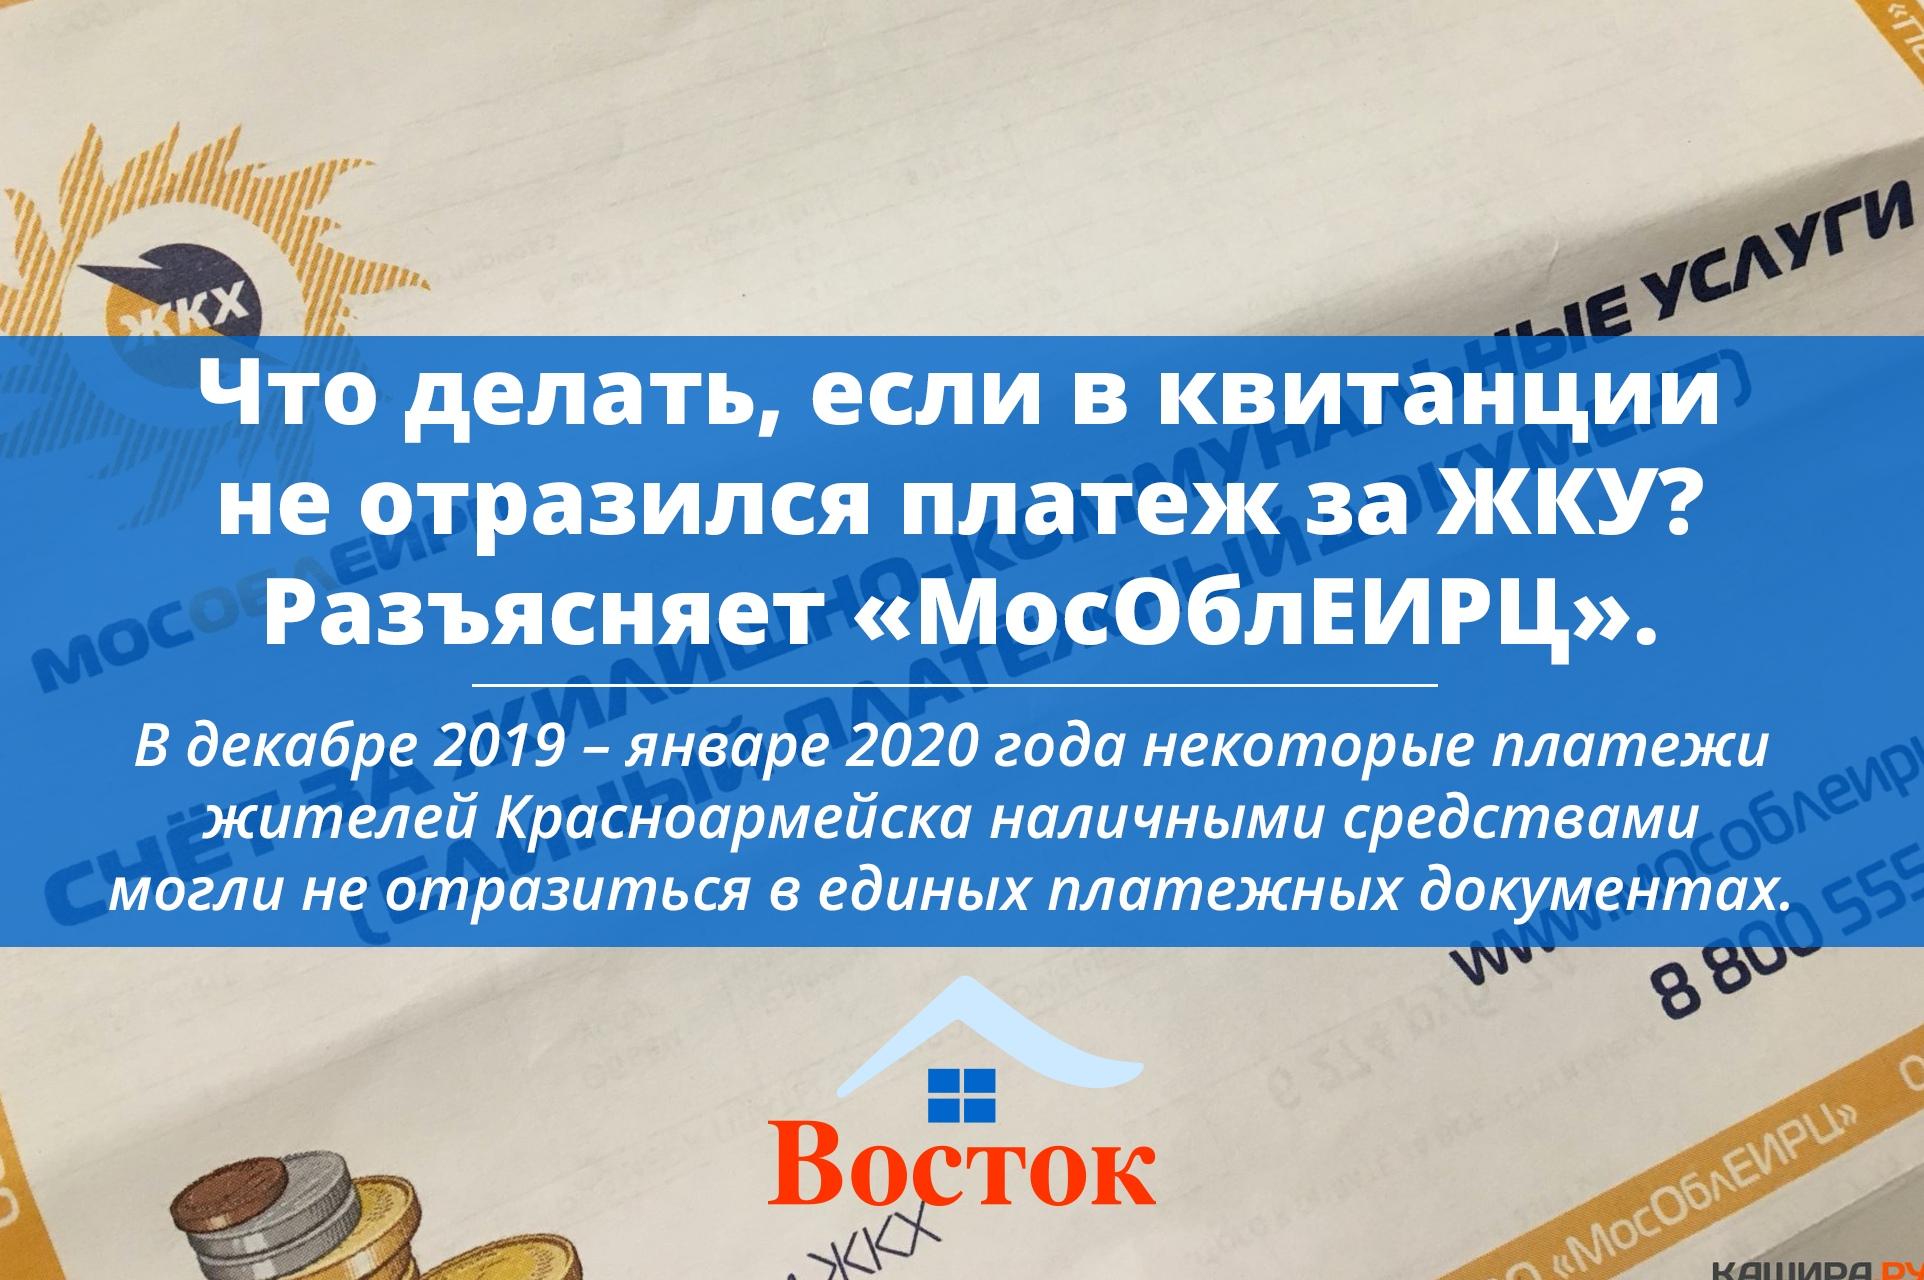 Разъяснения МосОблЕИРЦ для жителей Красноармейска: что делать, если в квитанции не отразился платеж за ЖКУ